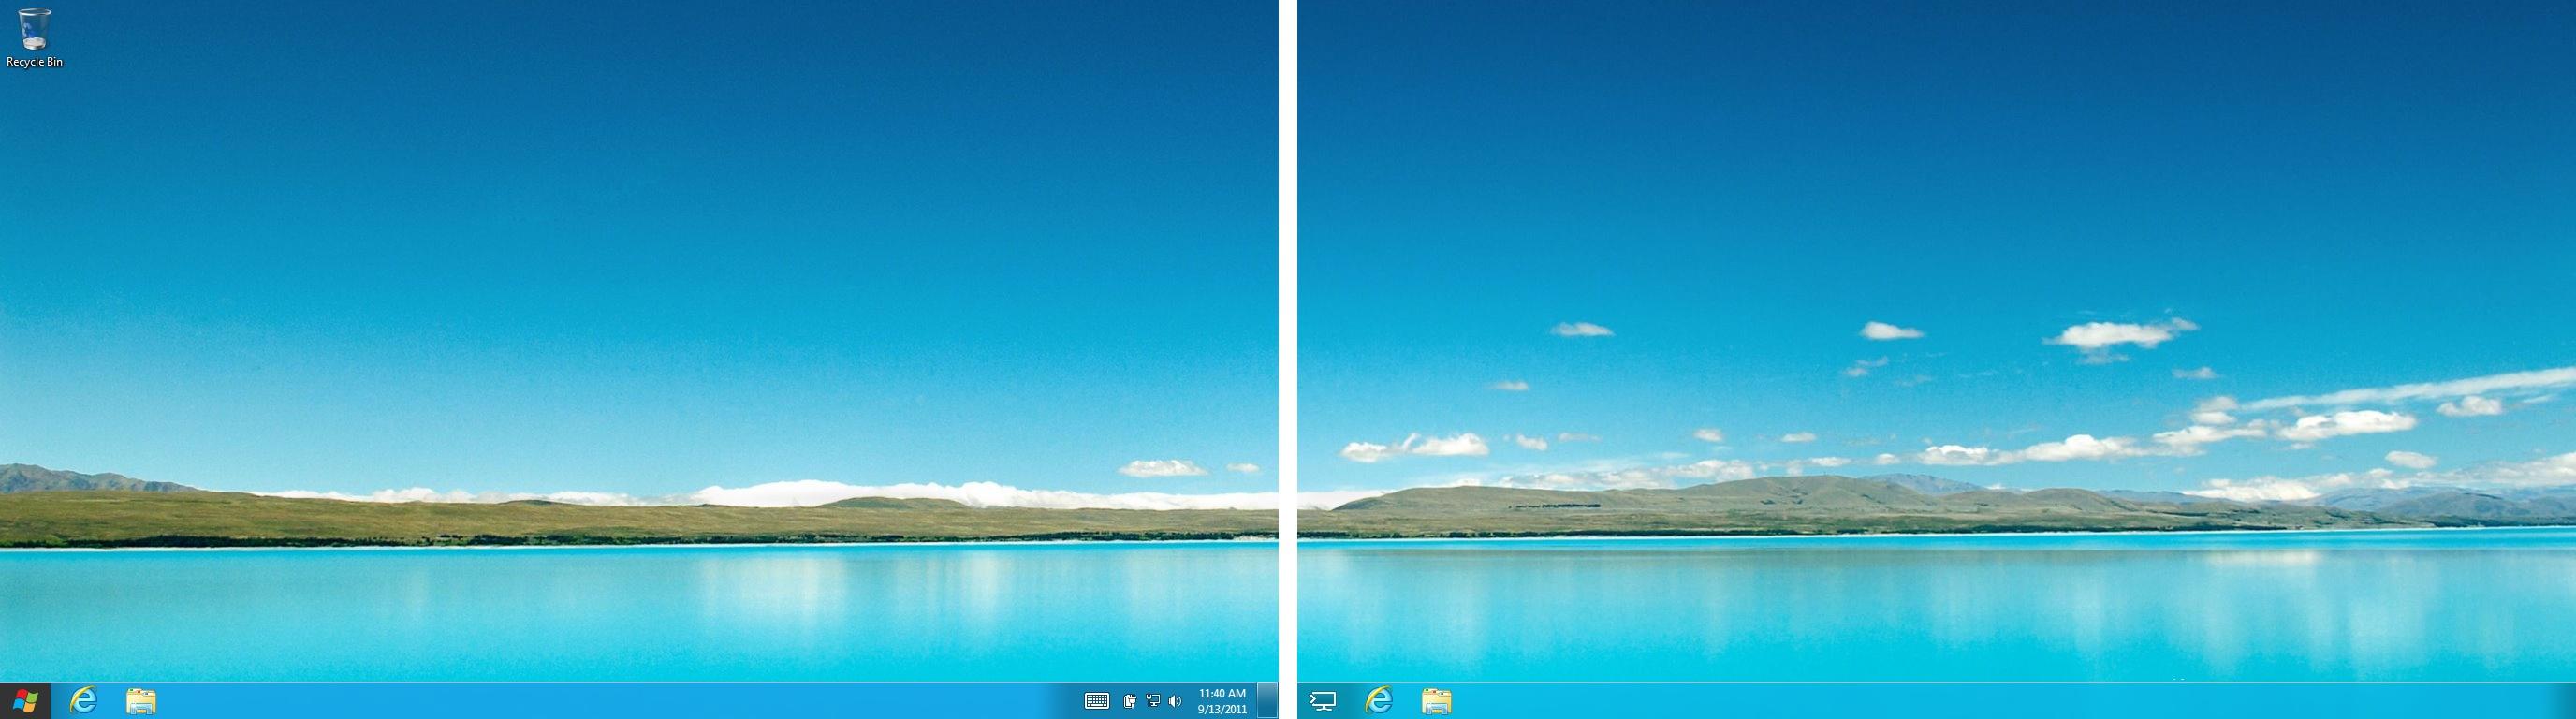 Microsoft: Windows 8 erhält integrierten Passwortmanager - Die Taskleiste funktioniert unter Windows 8 von Haus aus mit mehreren Bildschirmen.